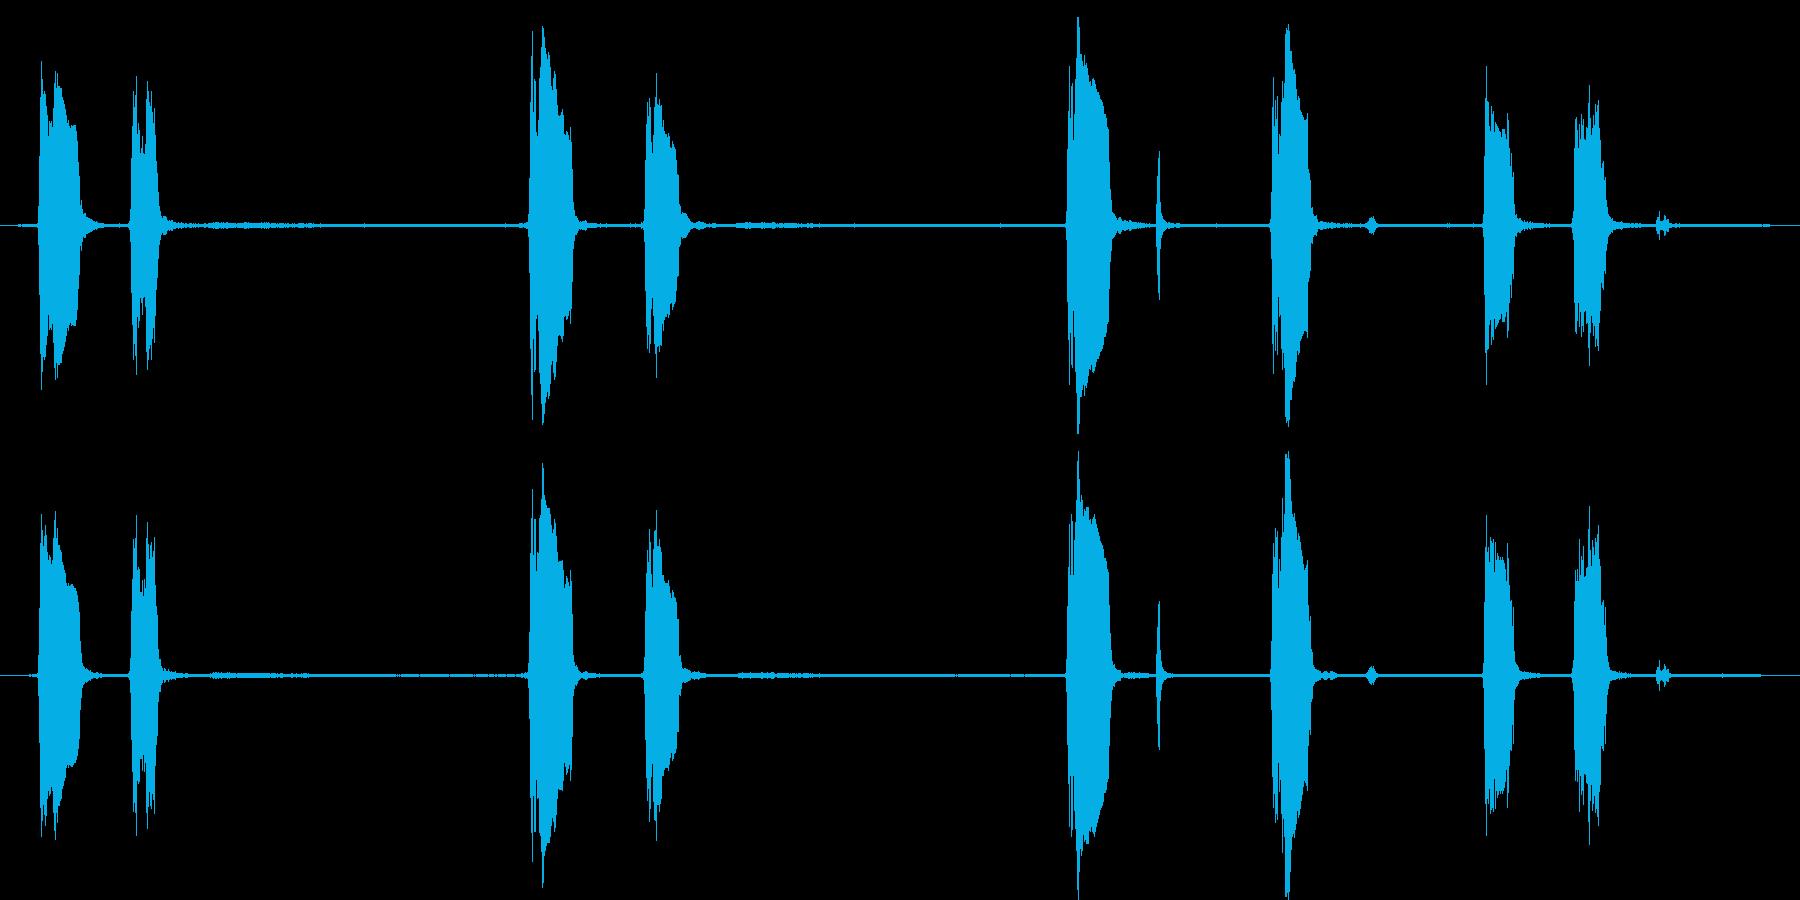 ハウンドドッグ:Barえるとハウリ...の再生済みの波形